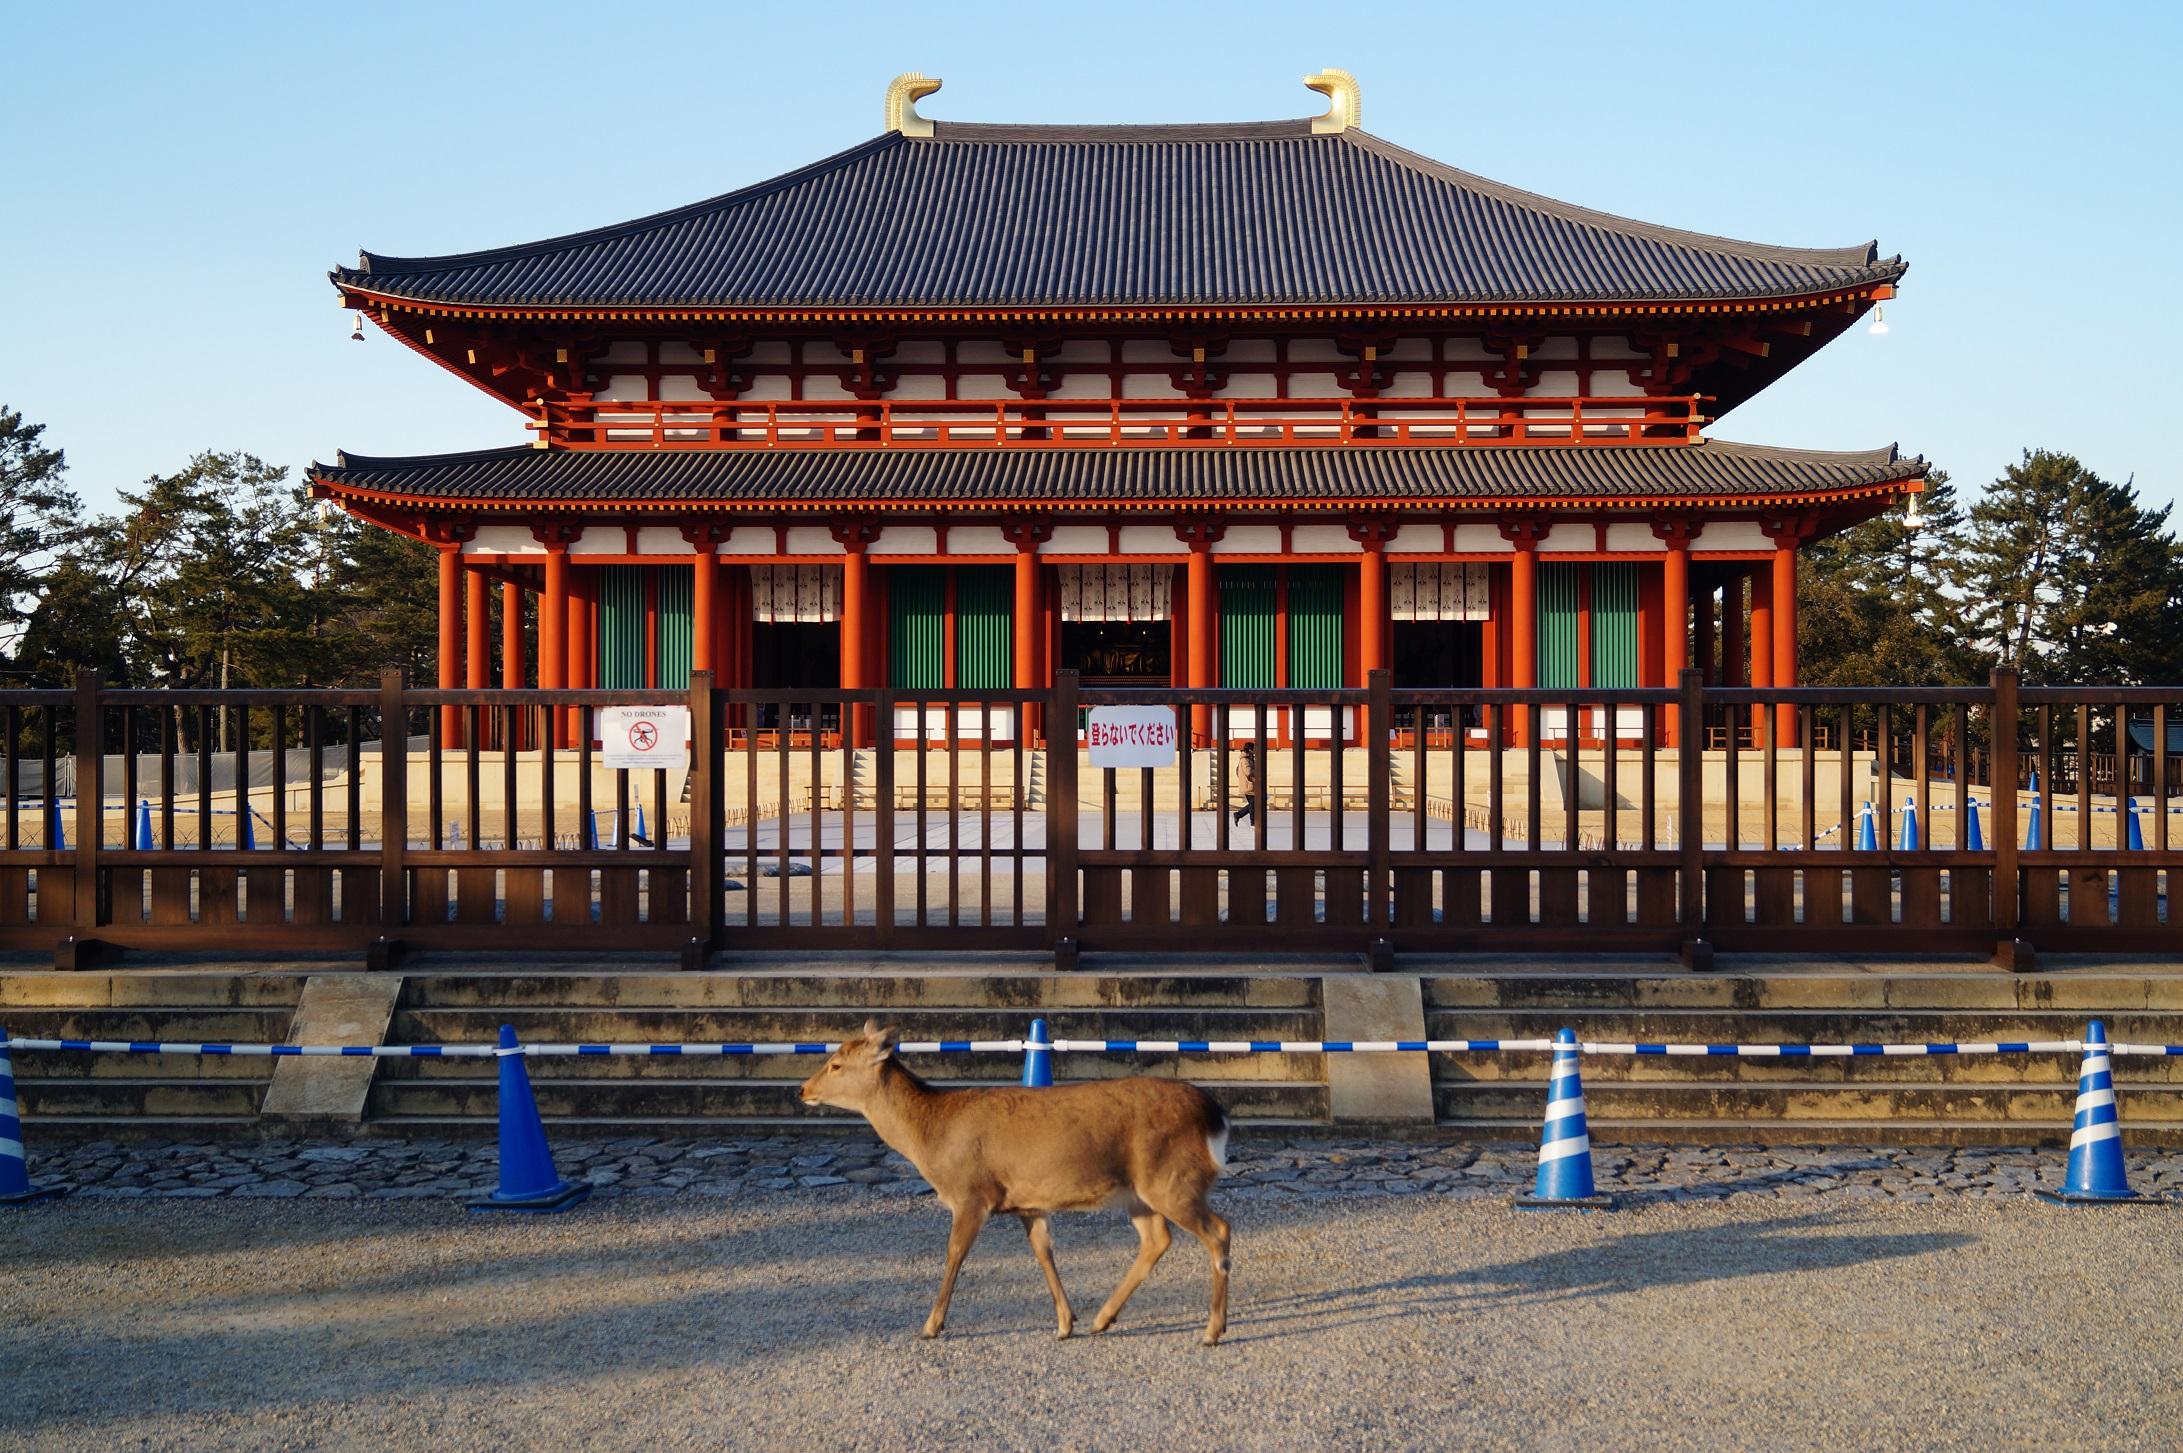 Nara Templo Parque de Nara - El Parque de Nara y sus ciervos sagrados: lugarés de interés